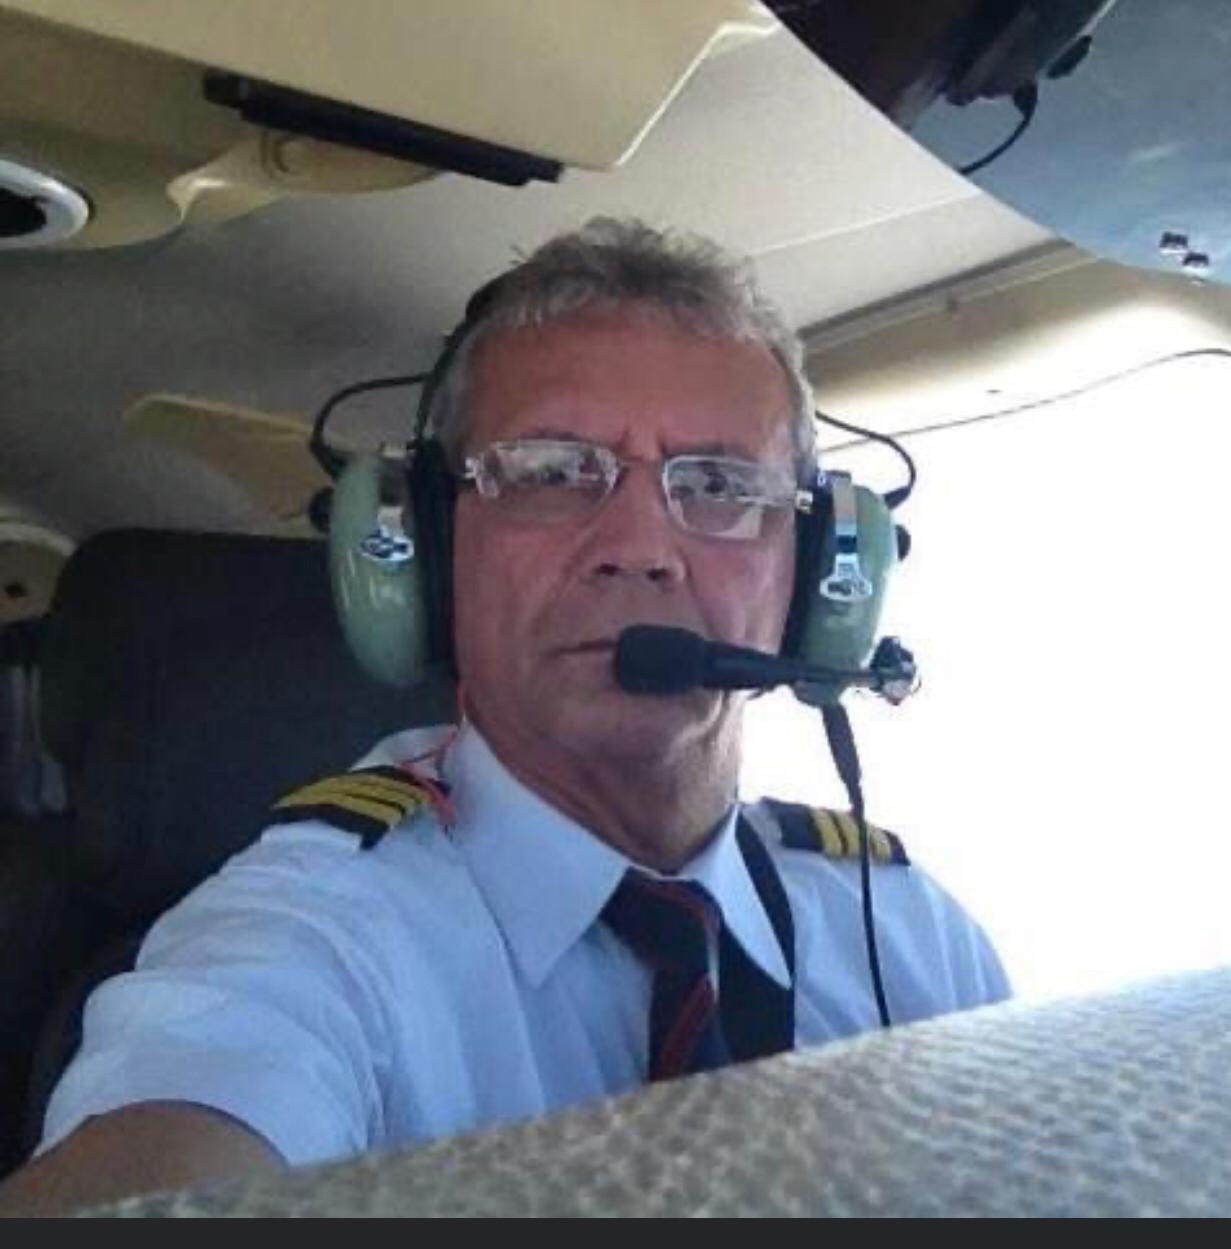 Políticos e autoridades lamentam a morte de piloto em queda de avião - Imagem 1